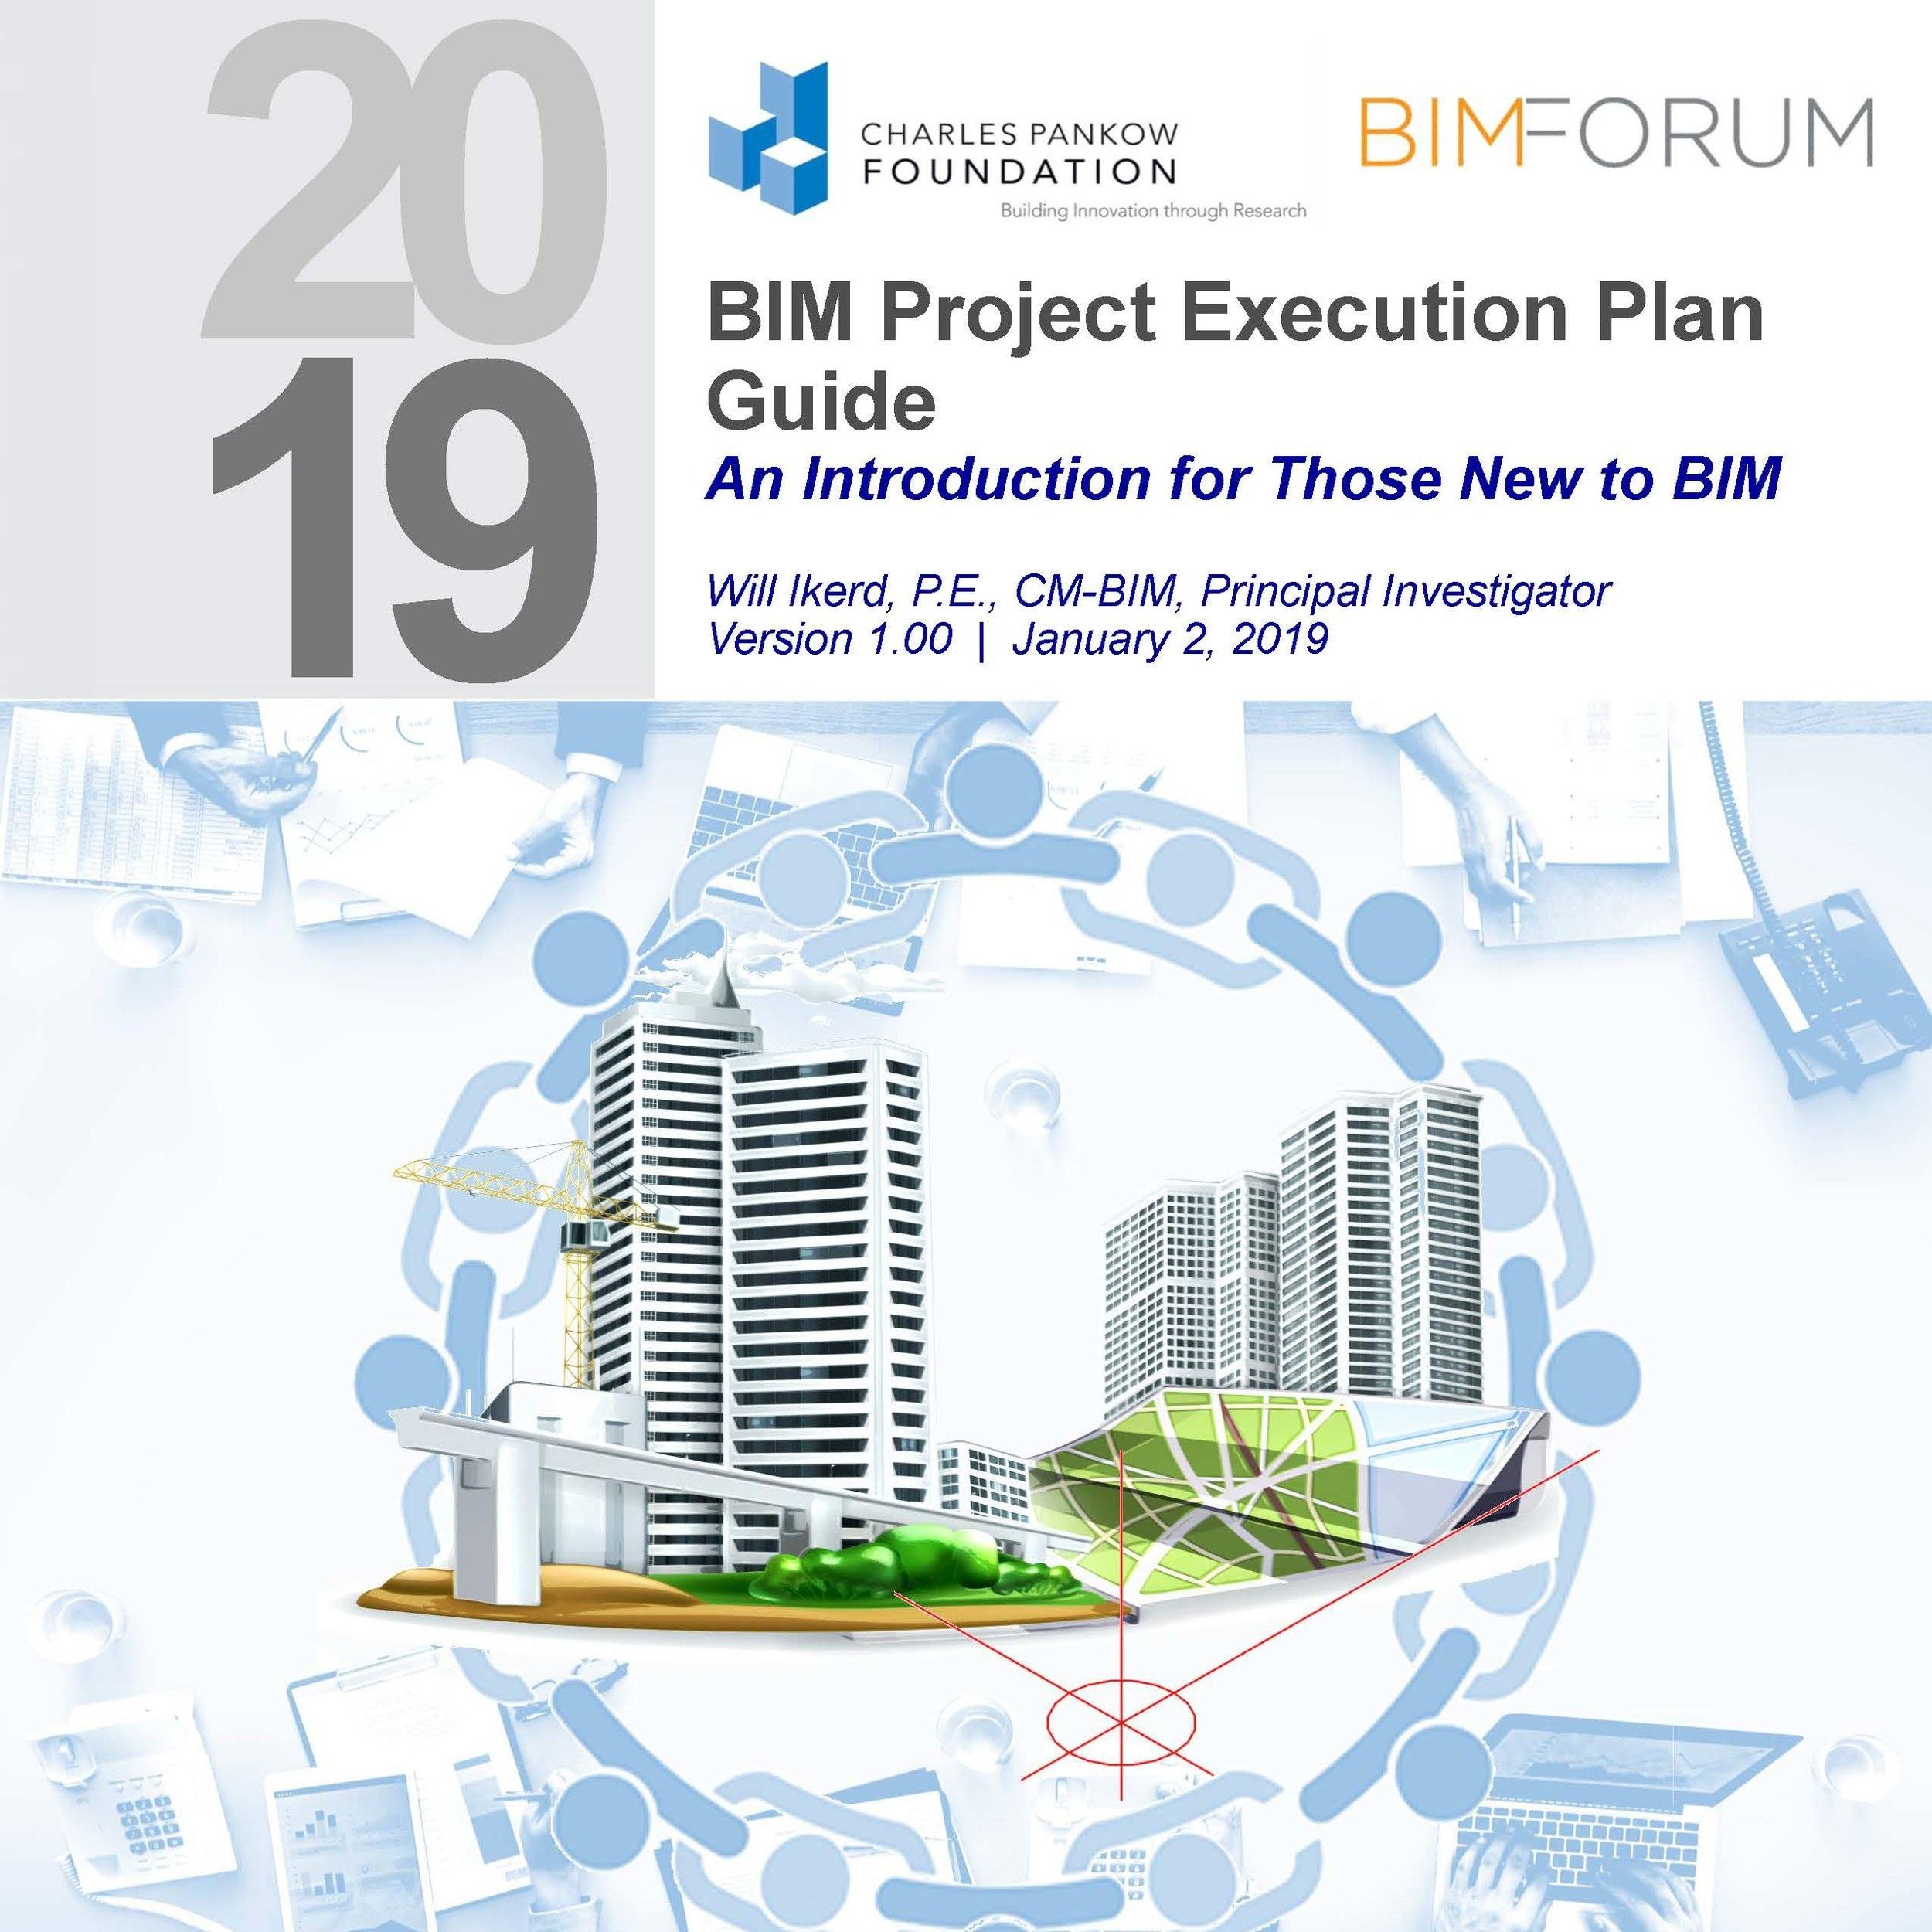 CPF-BIMForum_BXP-Guide_V-1-00_COVER.jpg